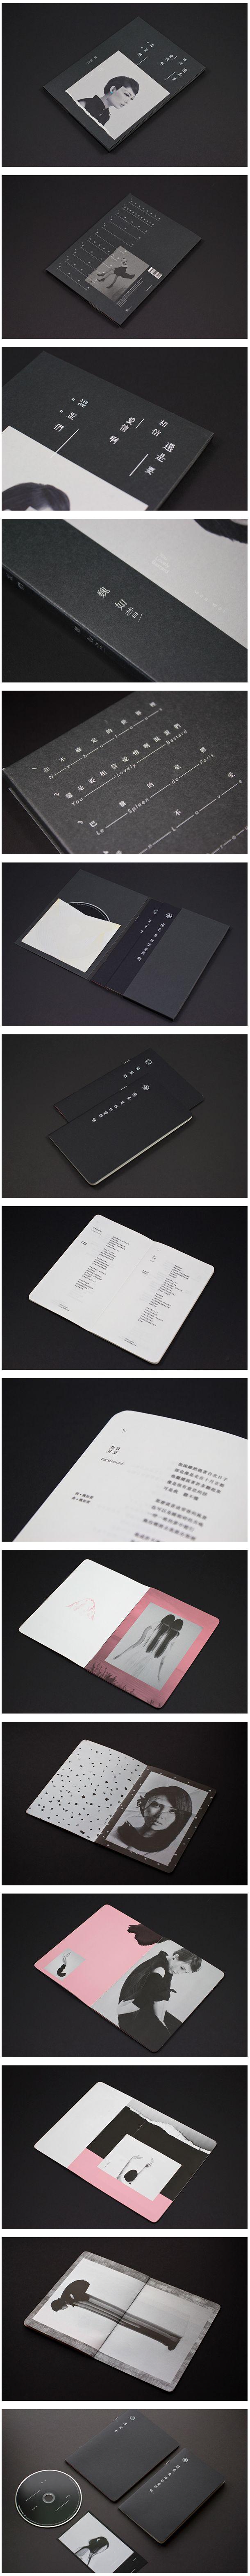 魏如萱 - 還是要相信愛情啊混蛋們 專輯設計 - Album packaging design for Taiwanese female singer 魏如萱 (Waa Wei). Released on May, 2014 - Packaging Design : 楊維綸 Echo Yang Photography : 吳仲倫 Chung Lun Wu Image Art : 鄭婷 Ting Cheng http://cargocollective.com/echoyang/8794959